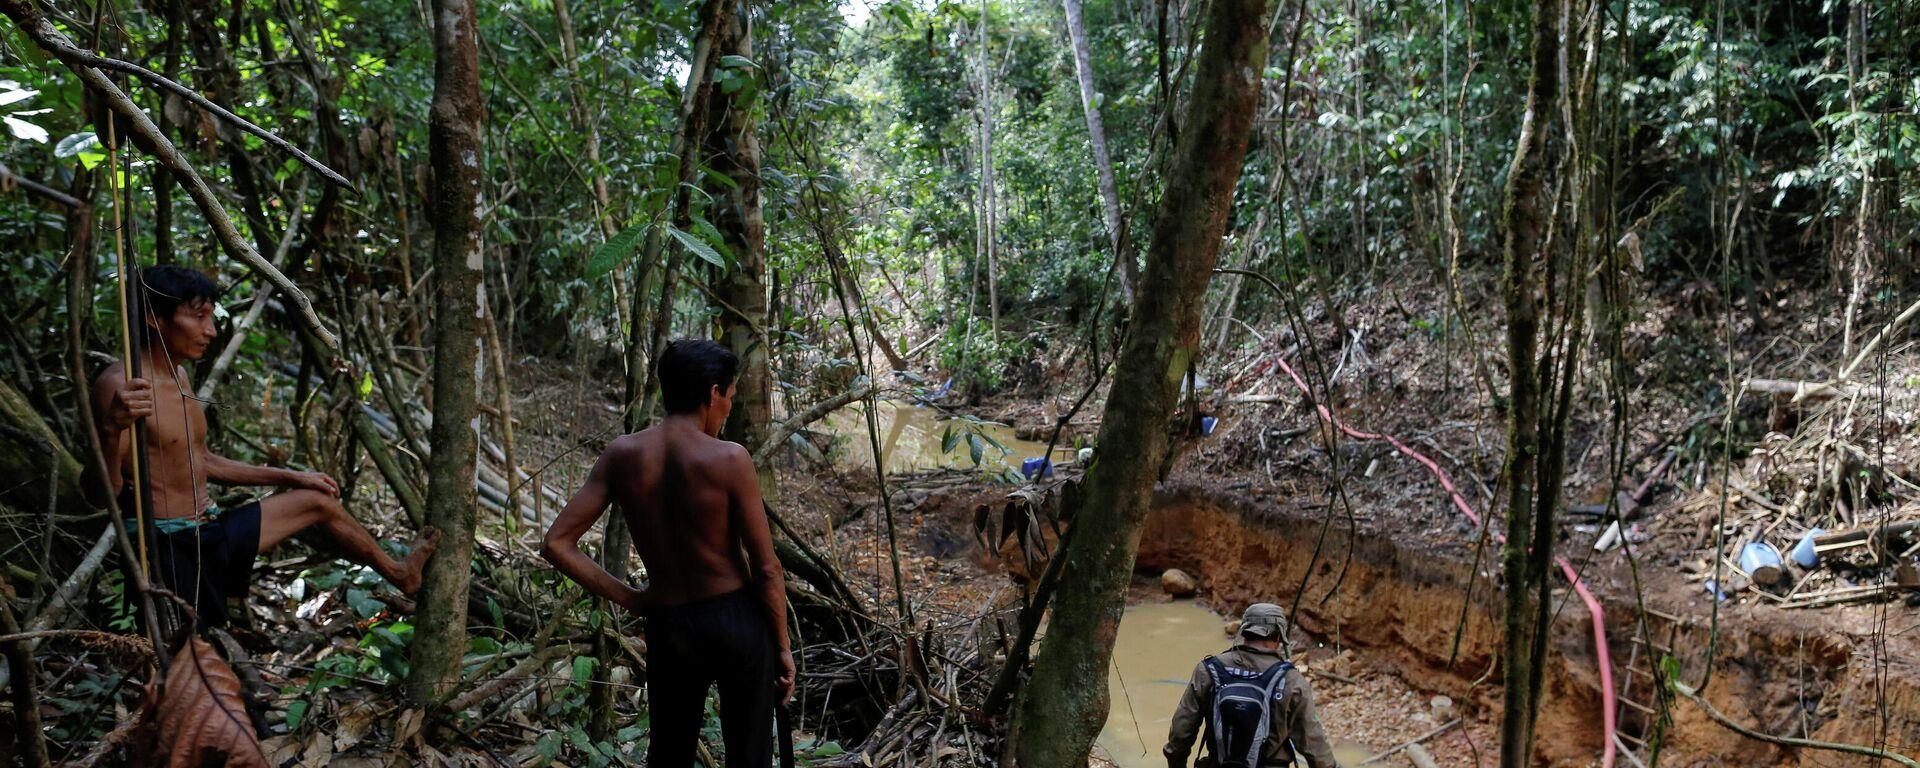 Indigene des Volkes Yanomami im Amazonas-Regenwald im Brasilianischen BUndesstaat Roraima (Archivbild) - SNA, 1920, 26.05.2021